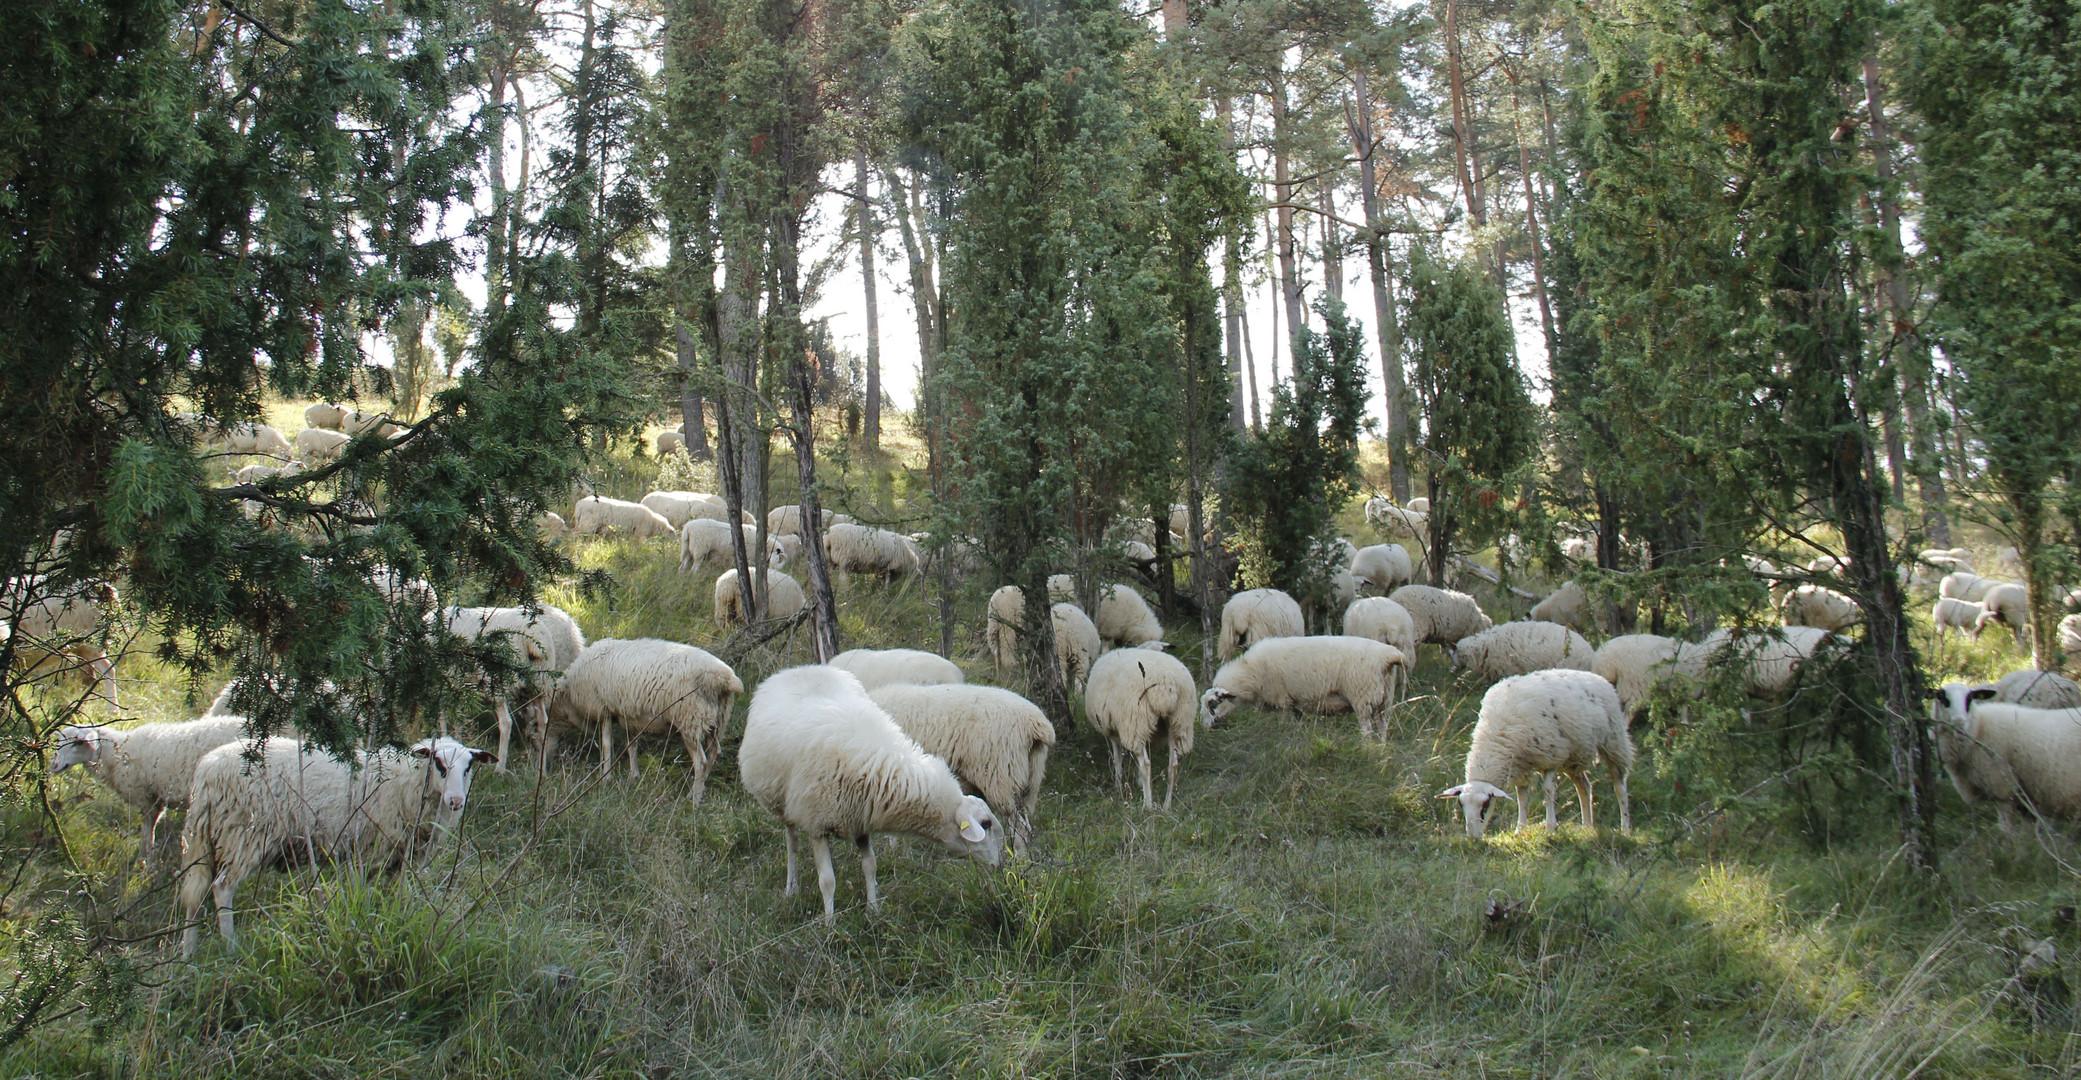 noch mehr Schafe bei der Arbeit ;-)